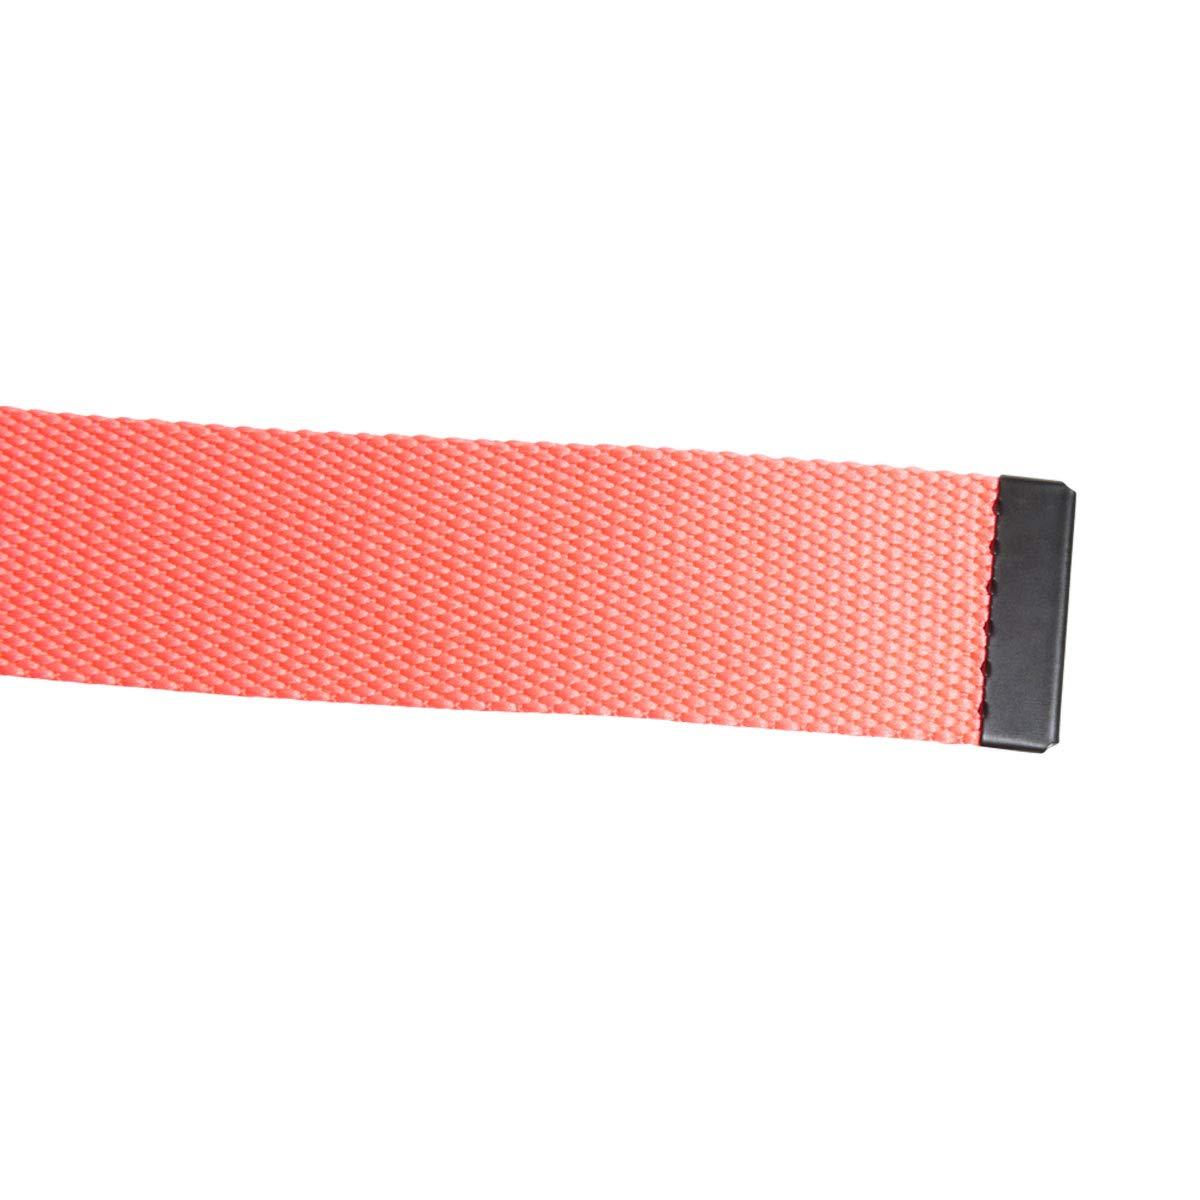 af8b10a425f2 adidas Golf 2019 Mens Lightweight Metal Buckle Clamp 3 Stripe Webbing Belt